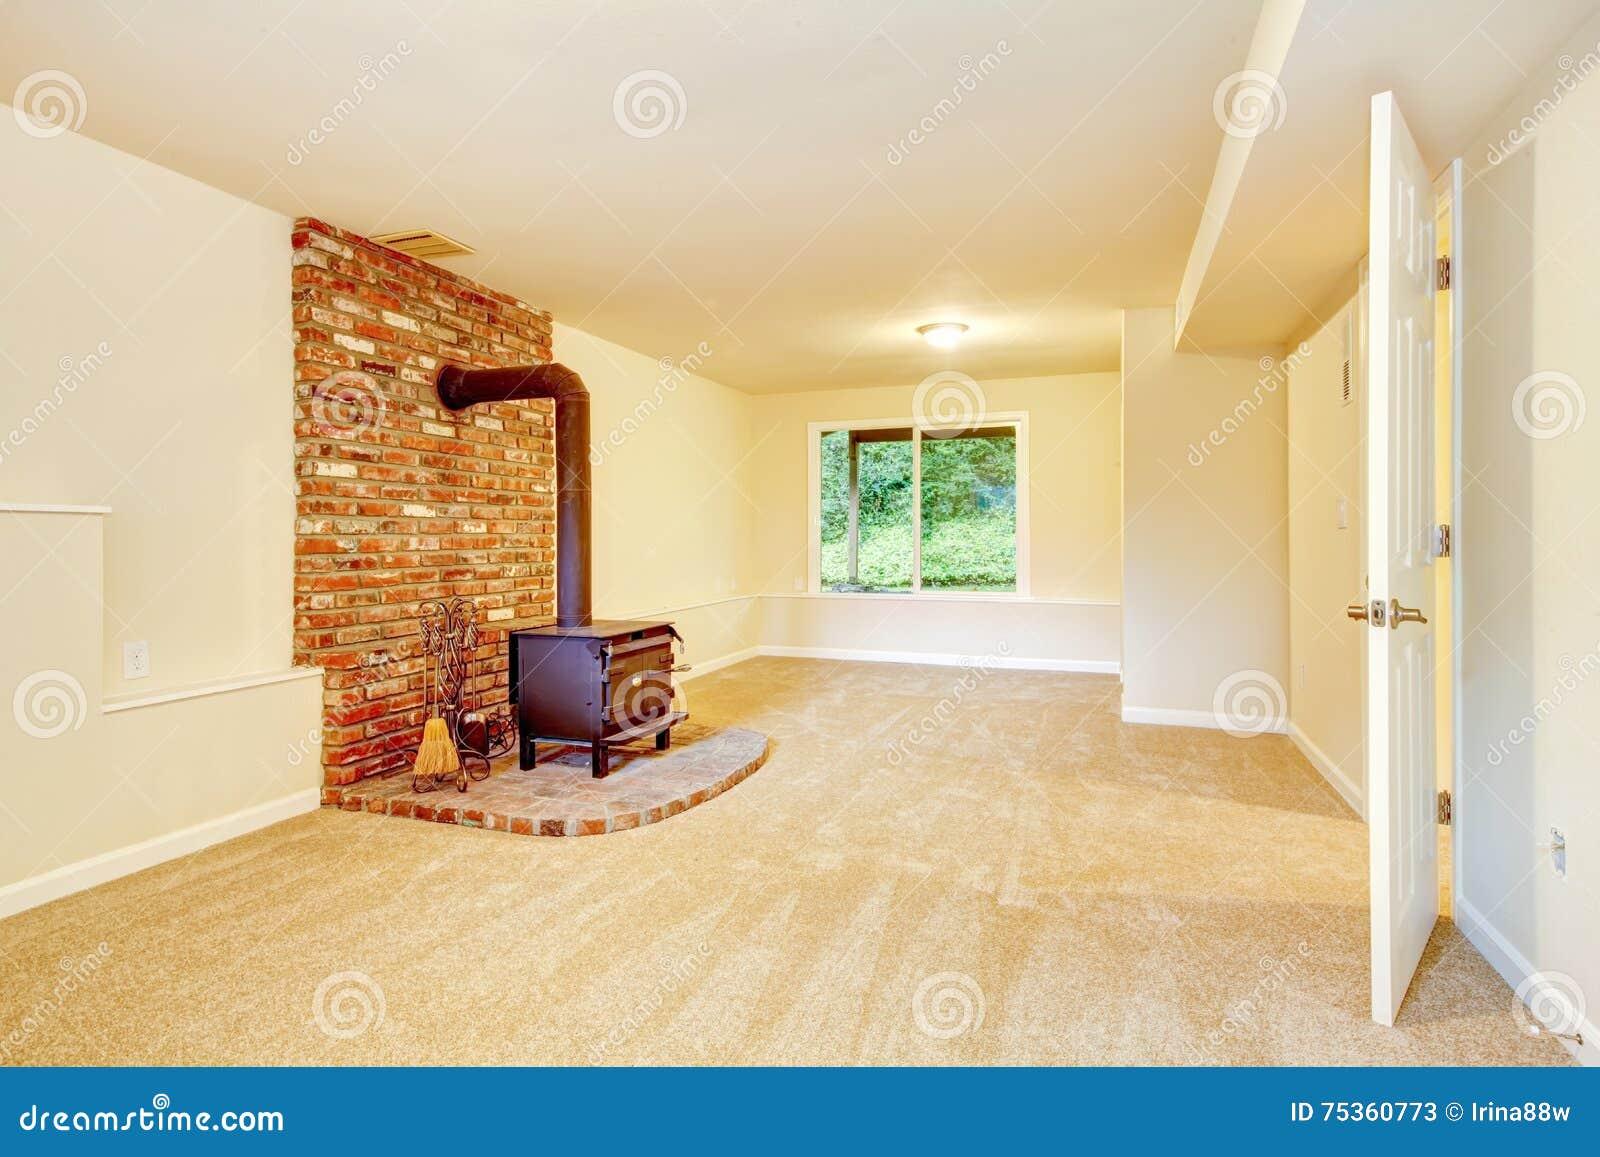 Contemporary Living Room Brick Wall Photos Festooning - The Wall Art ...